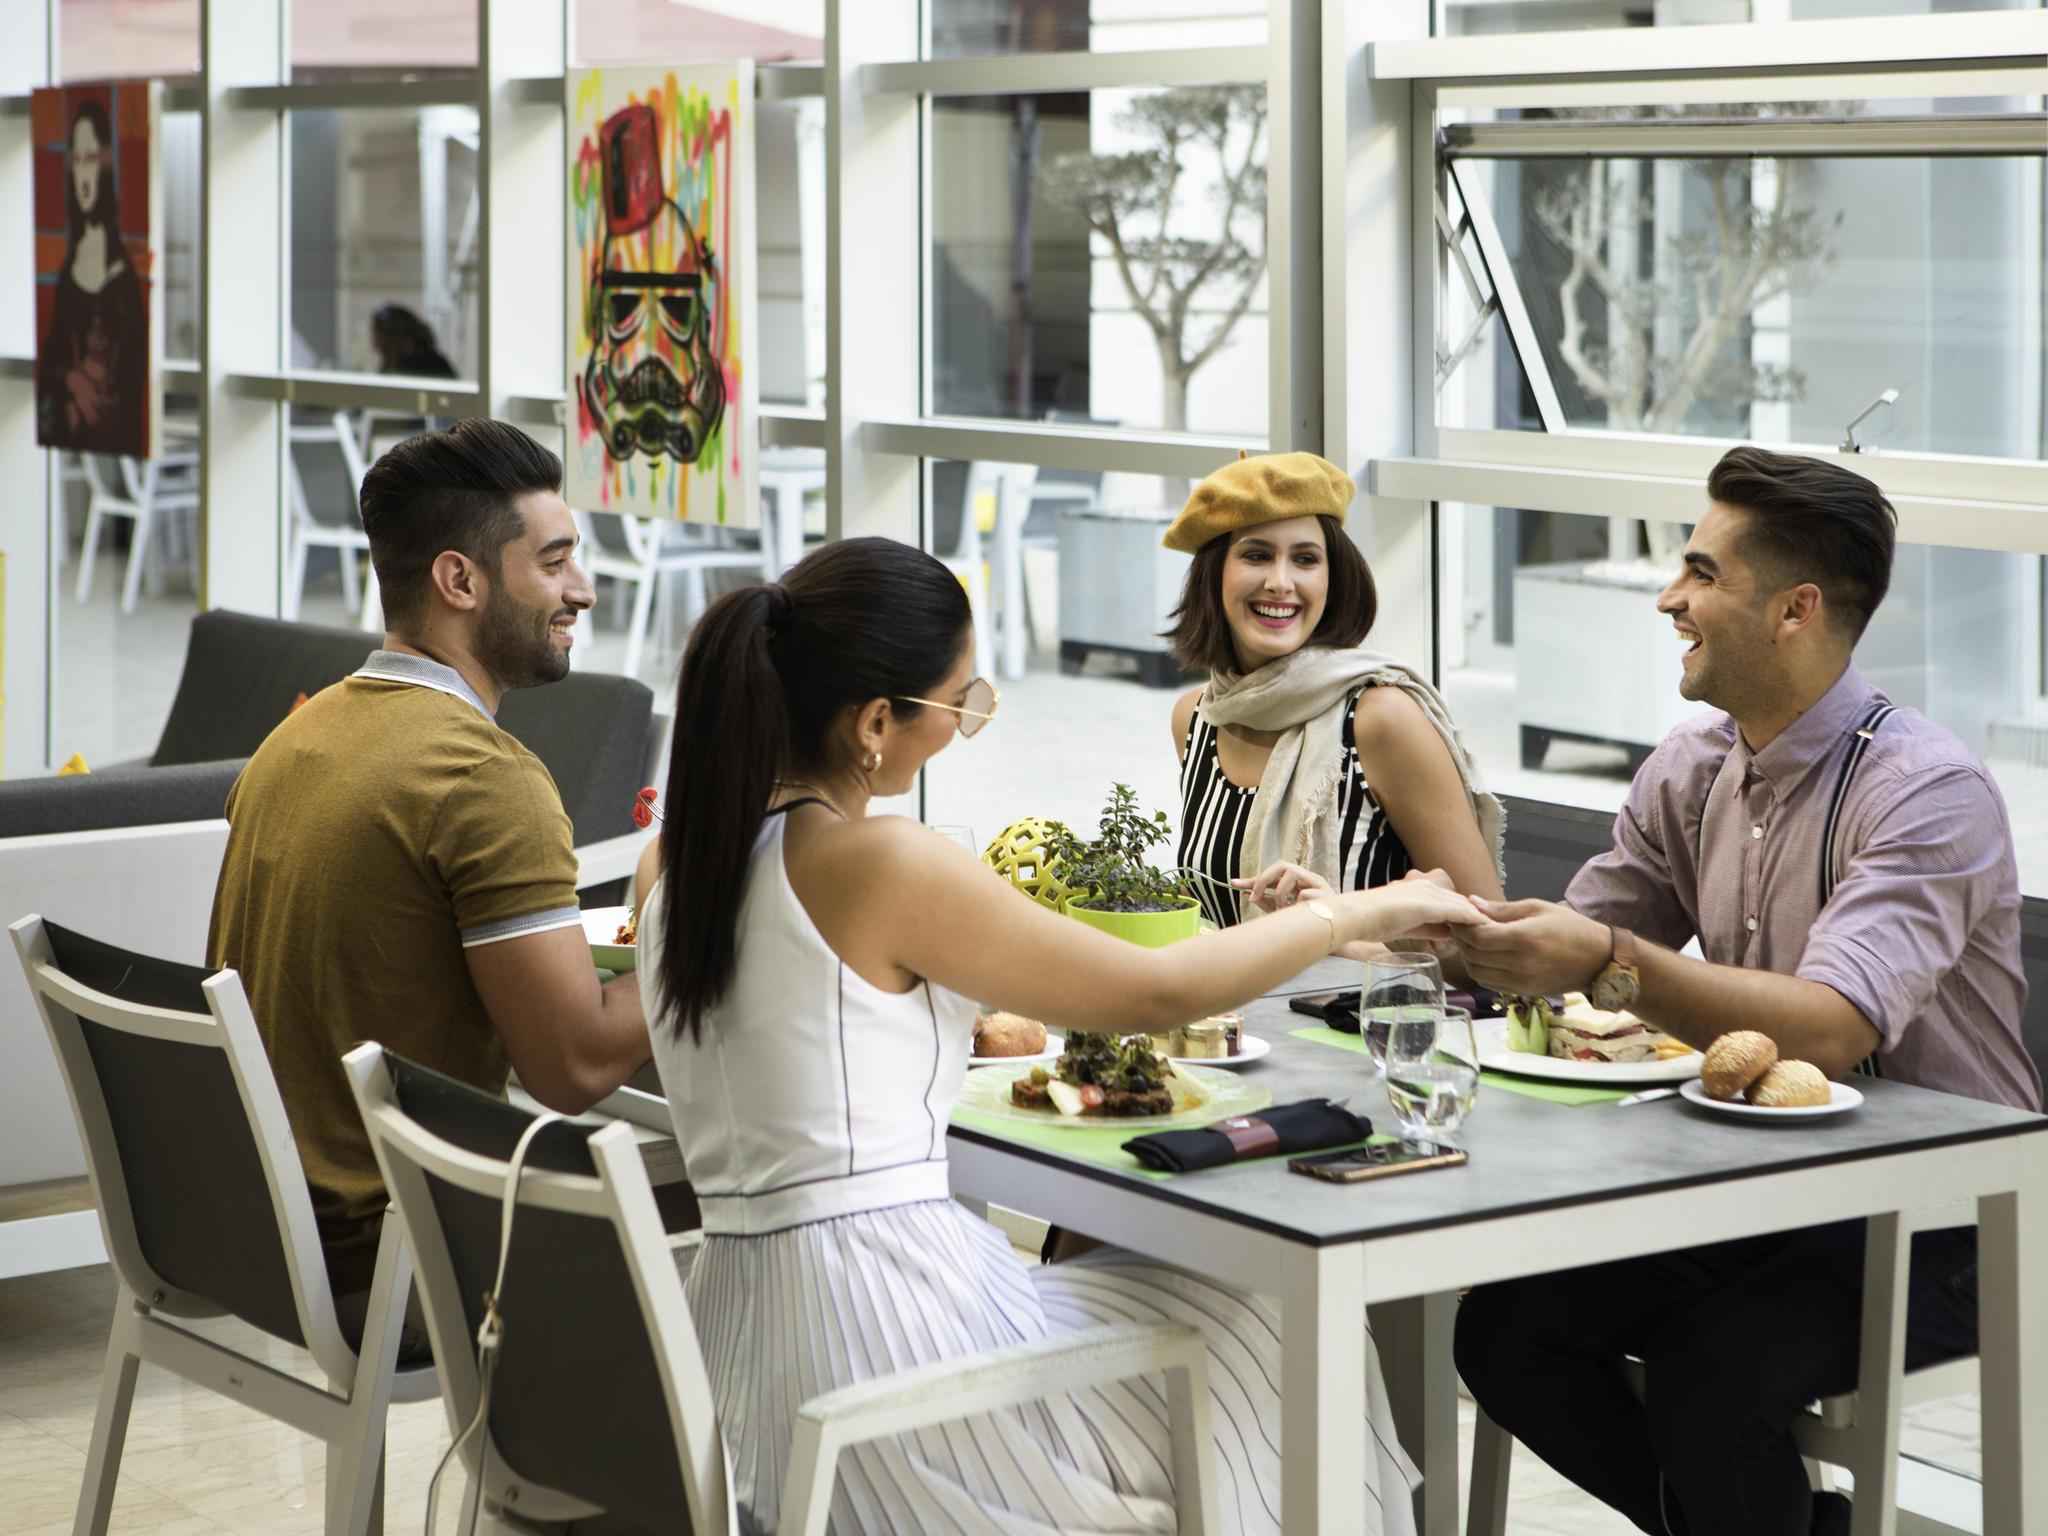 Internet ad alta velocità gratuito (WiFi) Data del soggiorno: novem Prenota Hotel YIT Casablanca, Granada su TripAdvisor: consulta le recensioni.